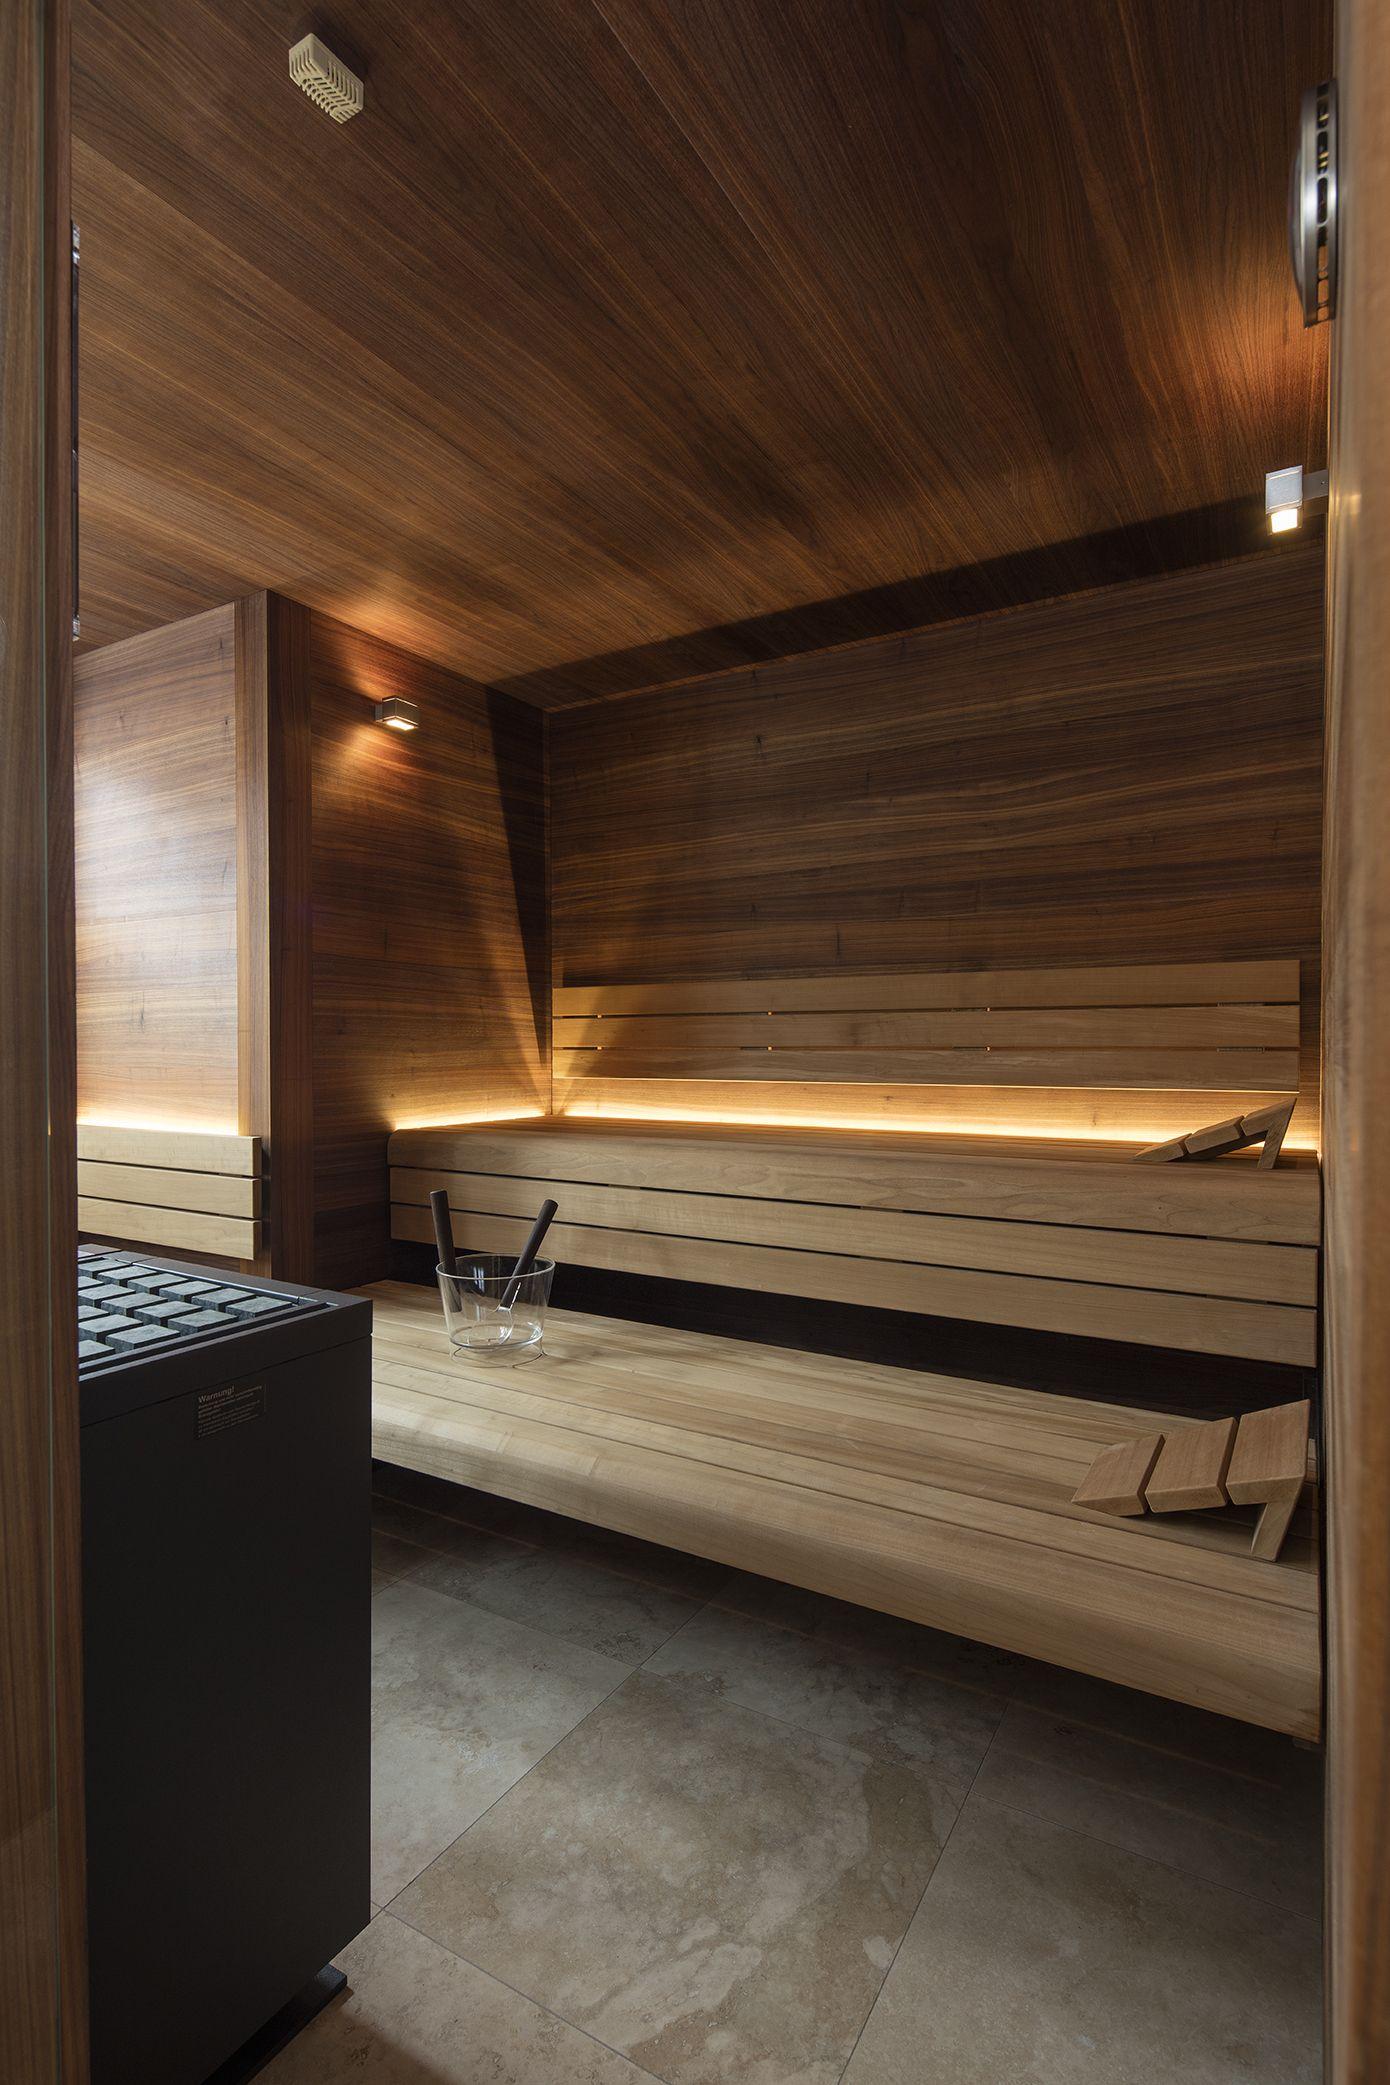 Pure Massarbeit Designsauna Die Einem Mobelstuck Gleich In Das Gesamte Bad Hinein Wirkt Hier In Nussbaum Kombiniert Mit Sauna Fur Zuhause Sauna Sauna Bilder